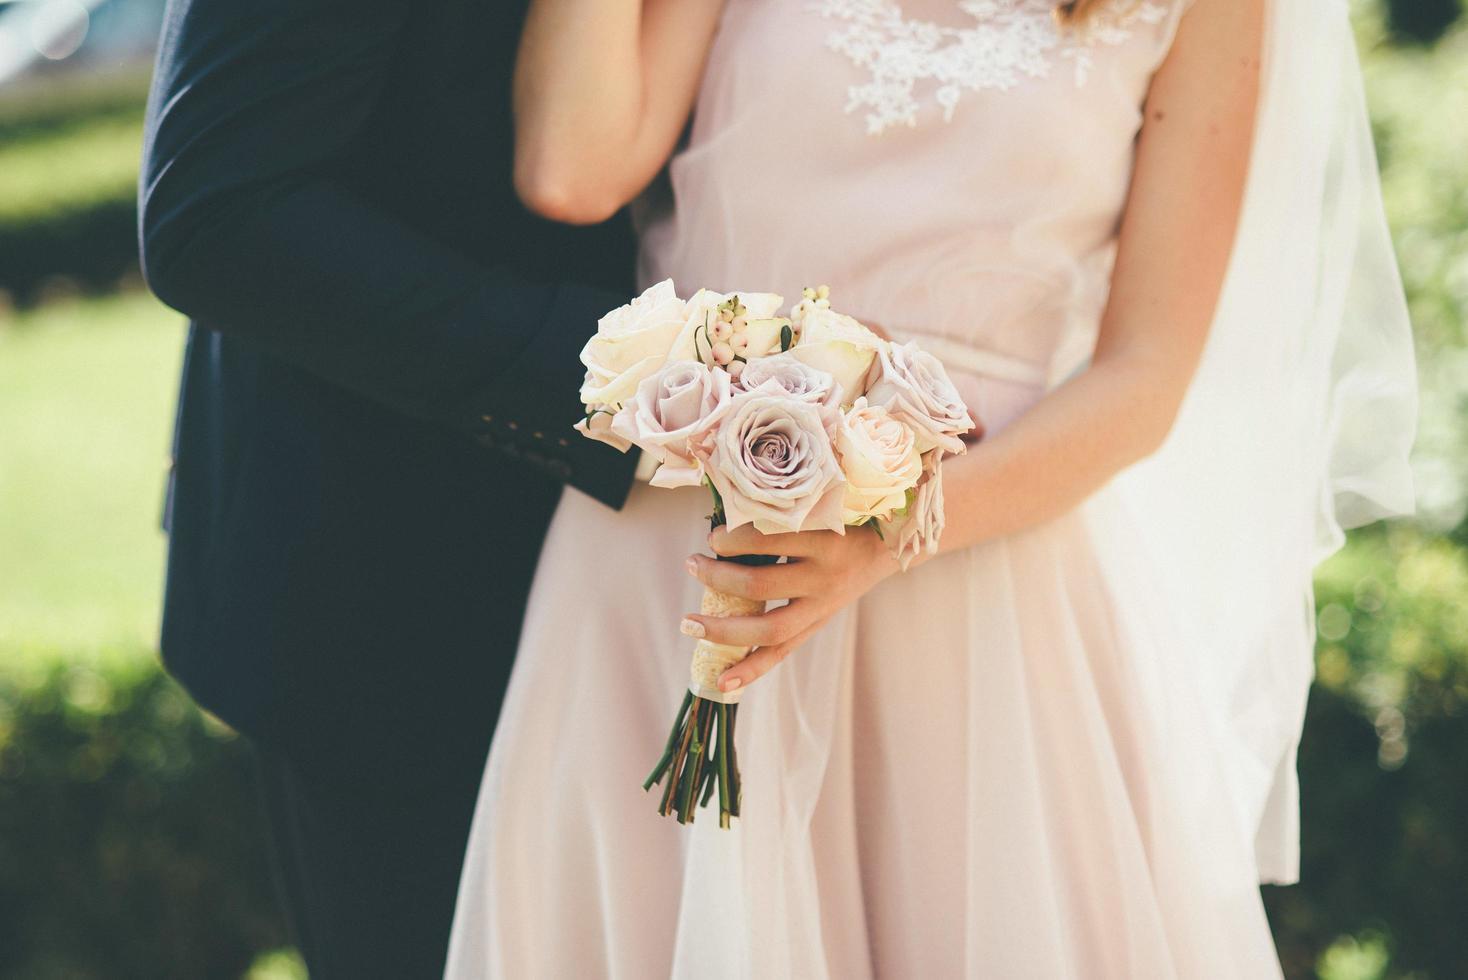 getrouwd stel met roze boeket foto